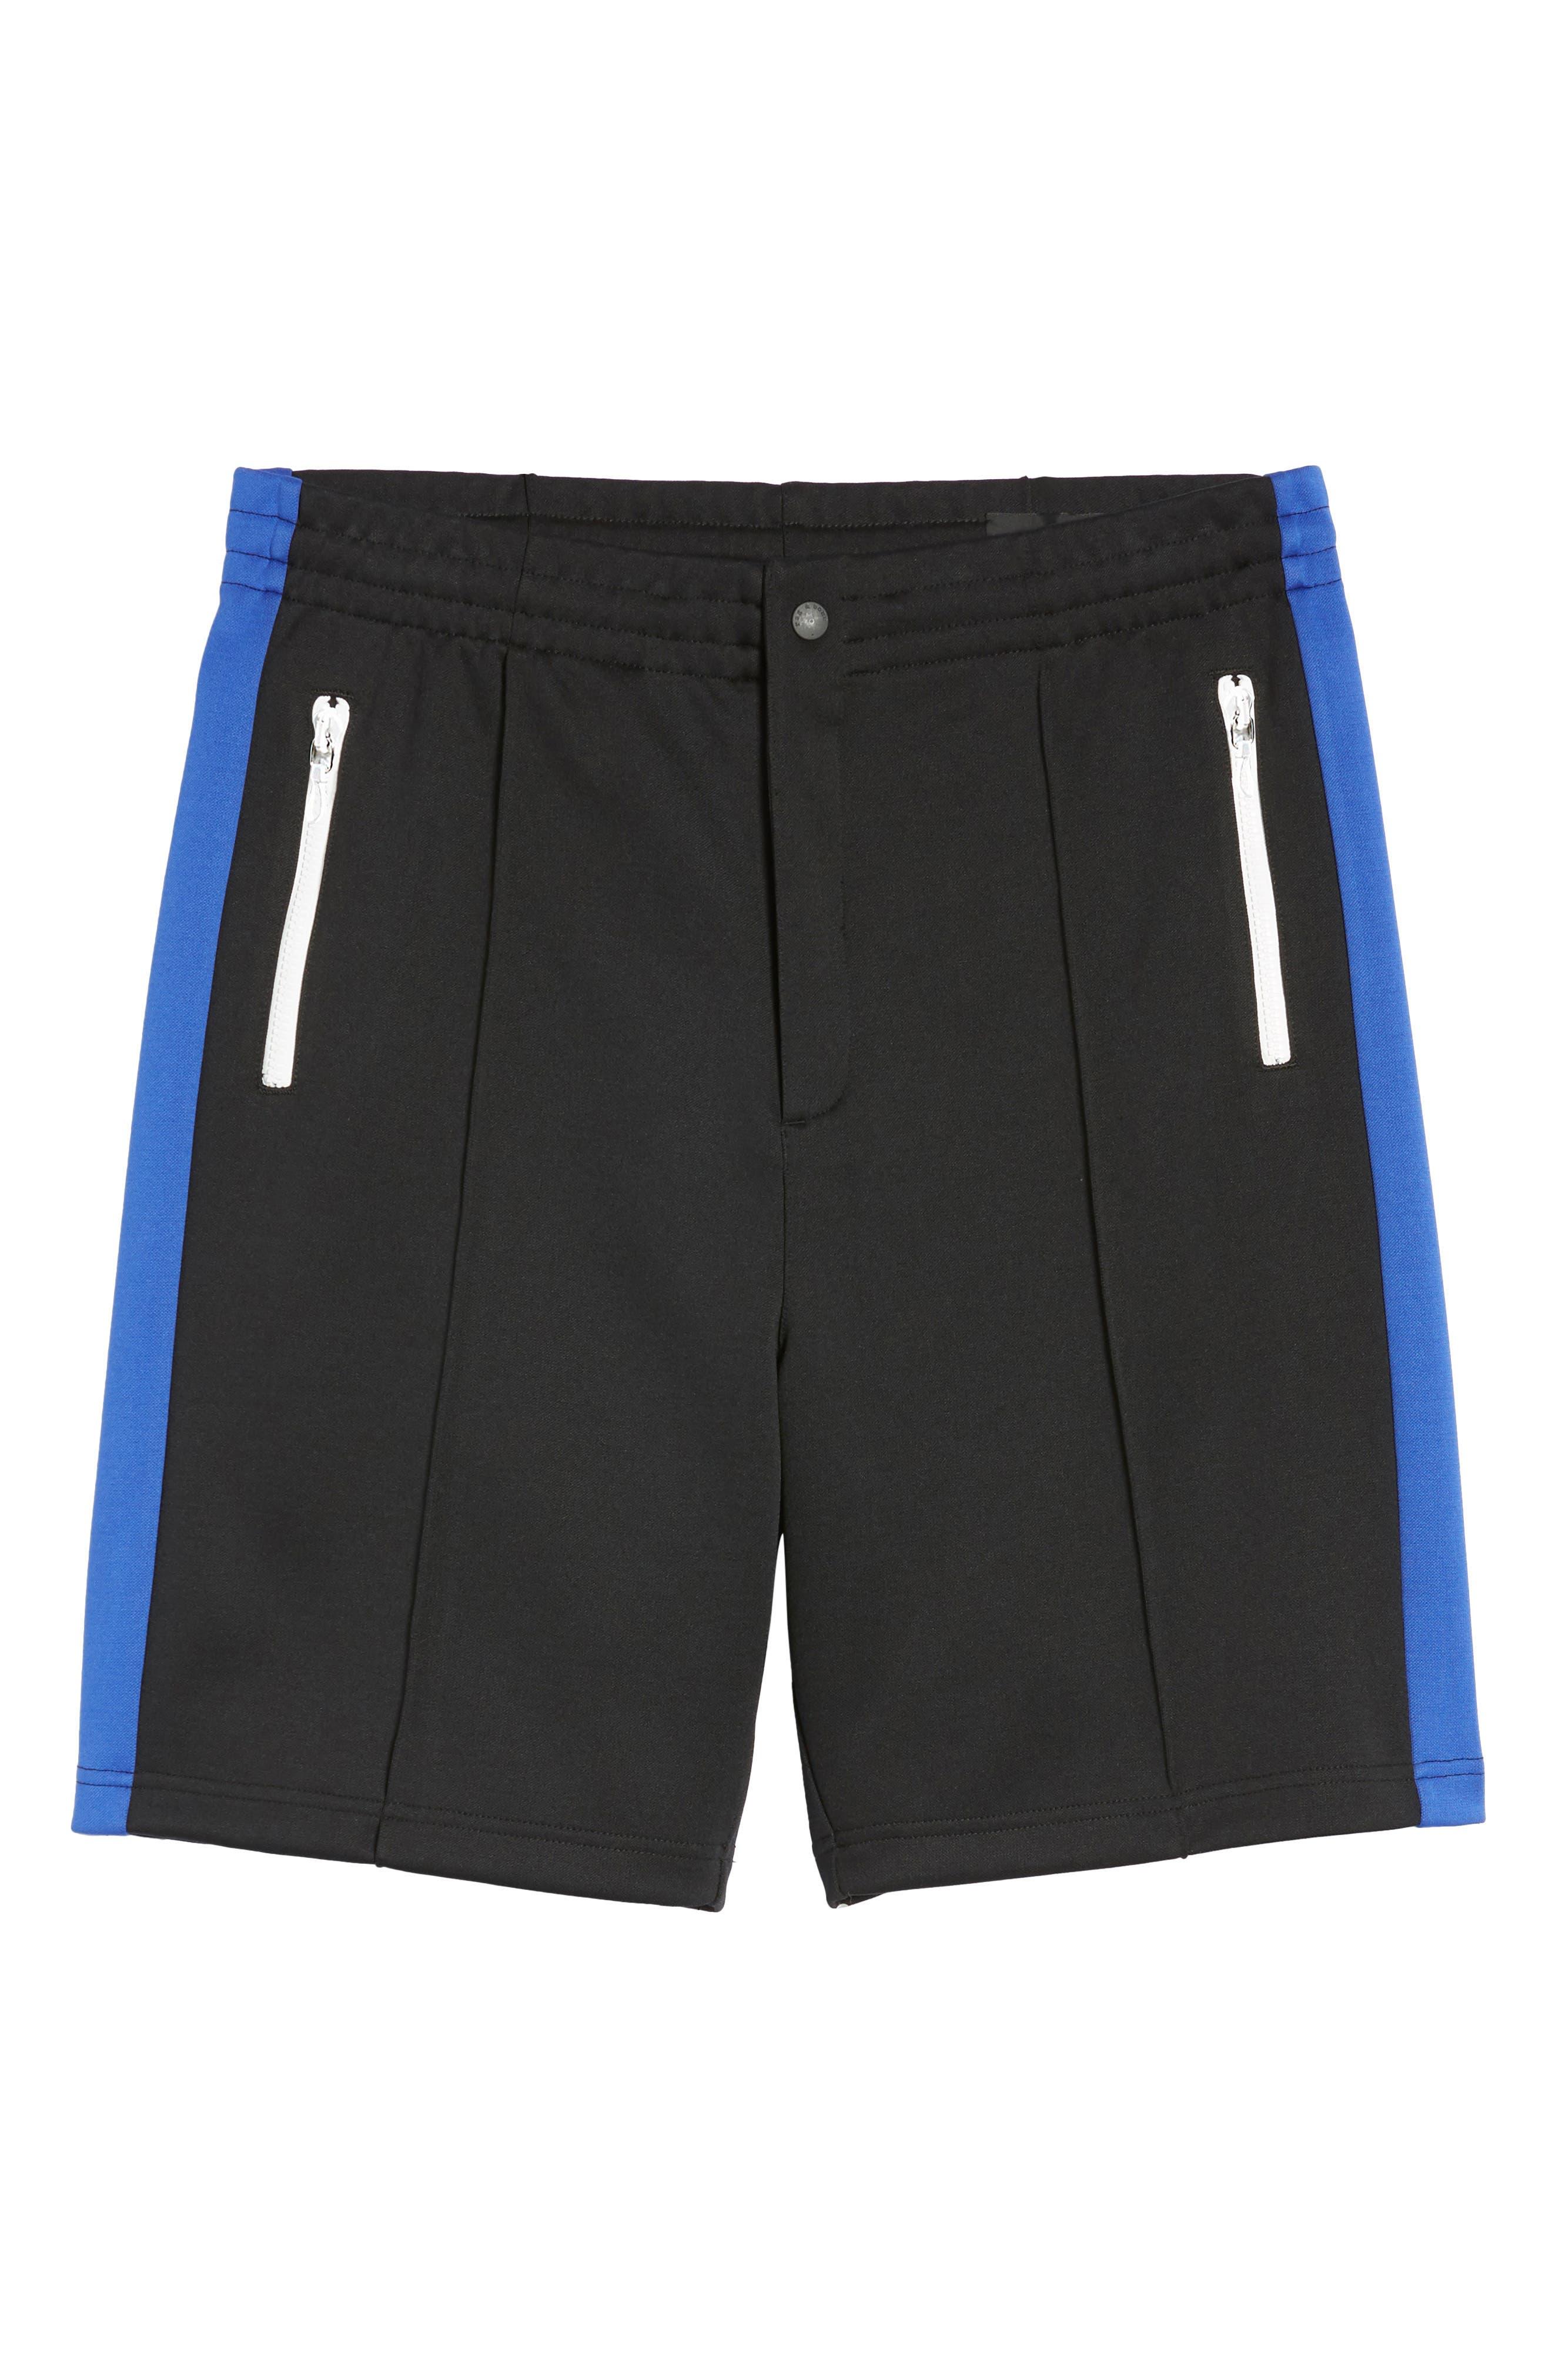 Stripe Shorts,                             Alternate thumbnail 6, color,                             Blue/ White/ Black